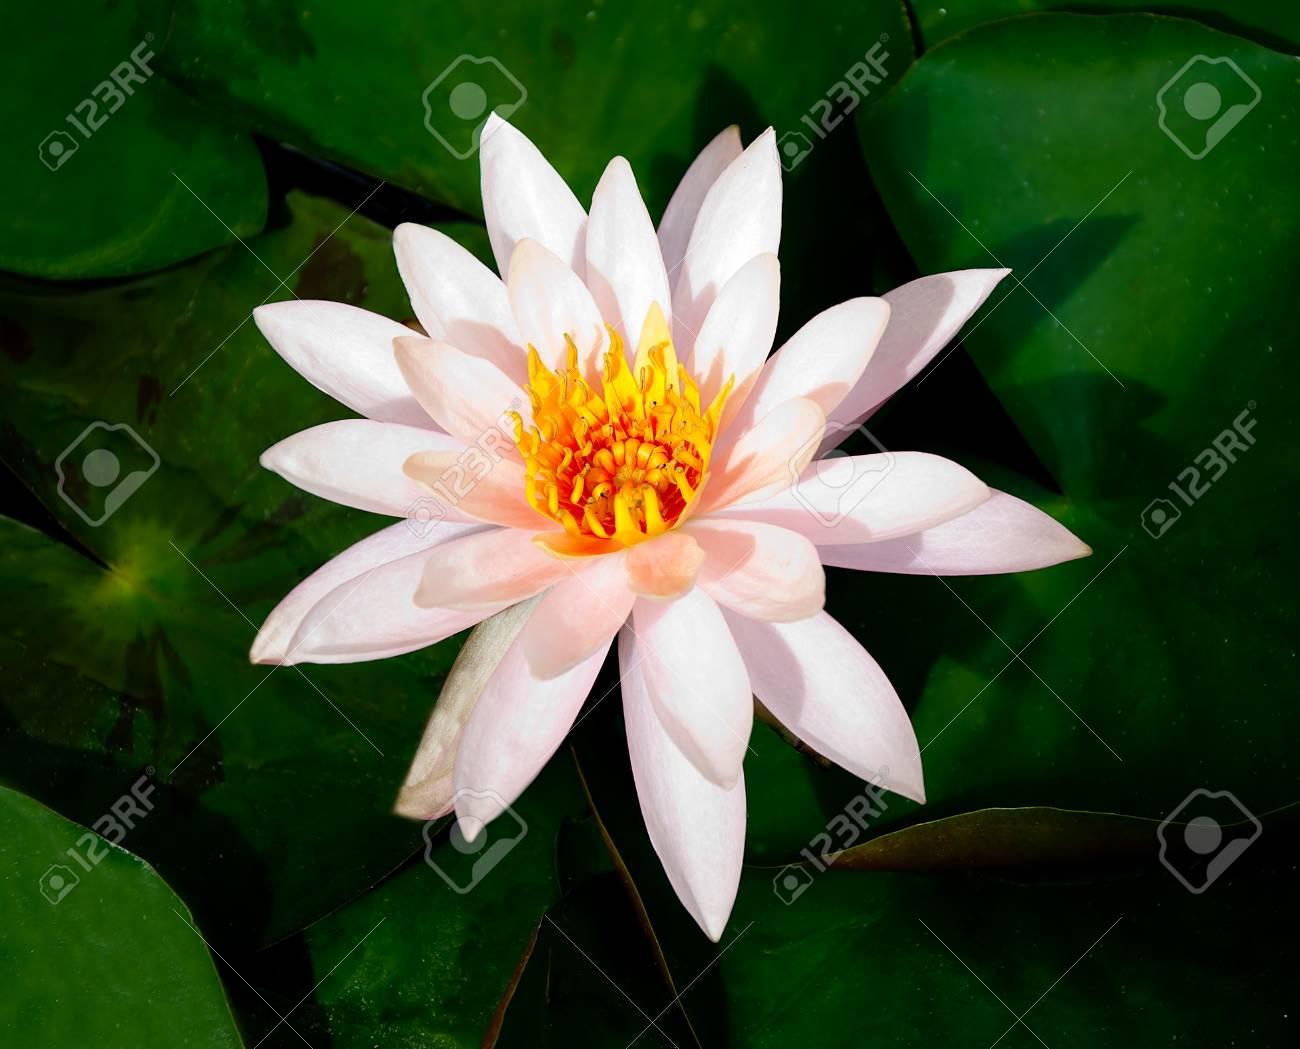 The White lotus Stock Photo - 12624194